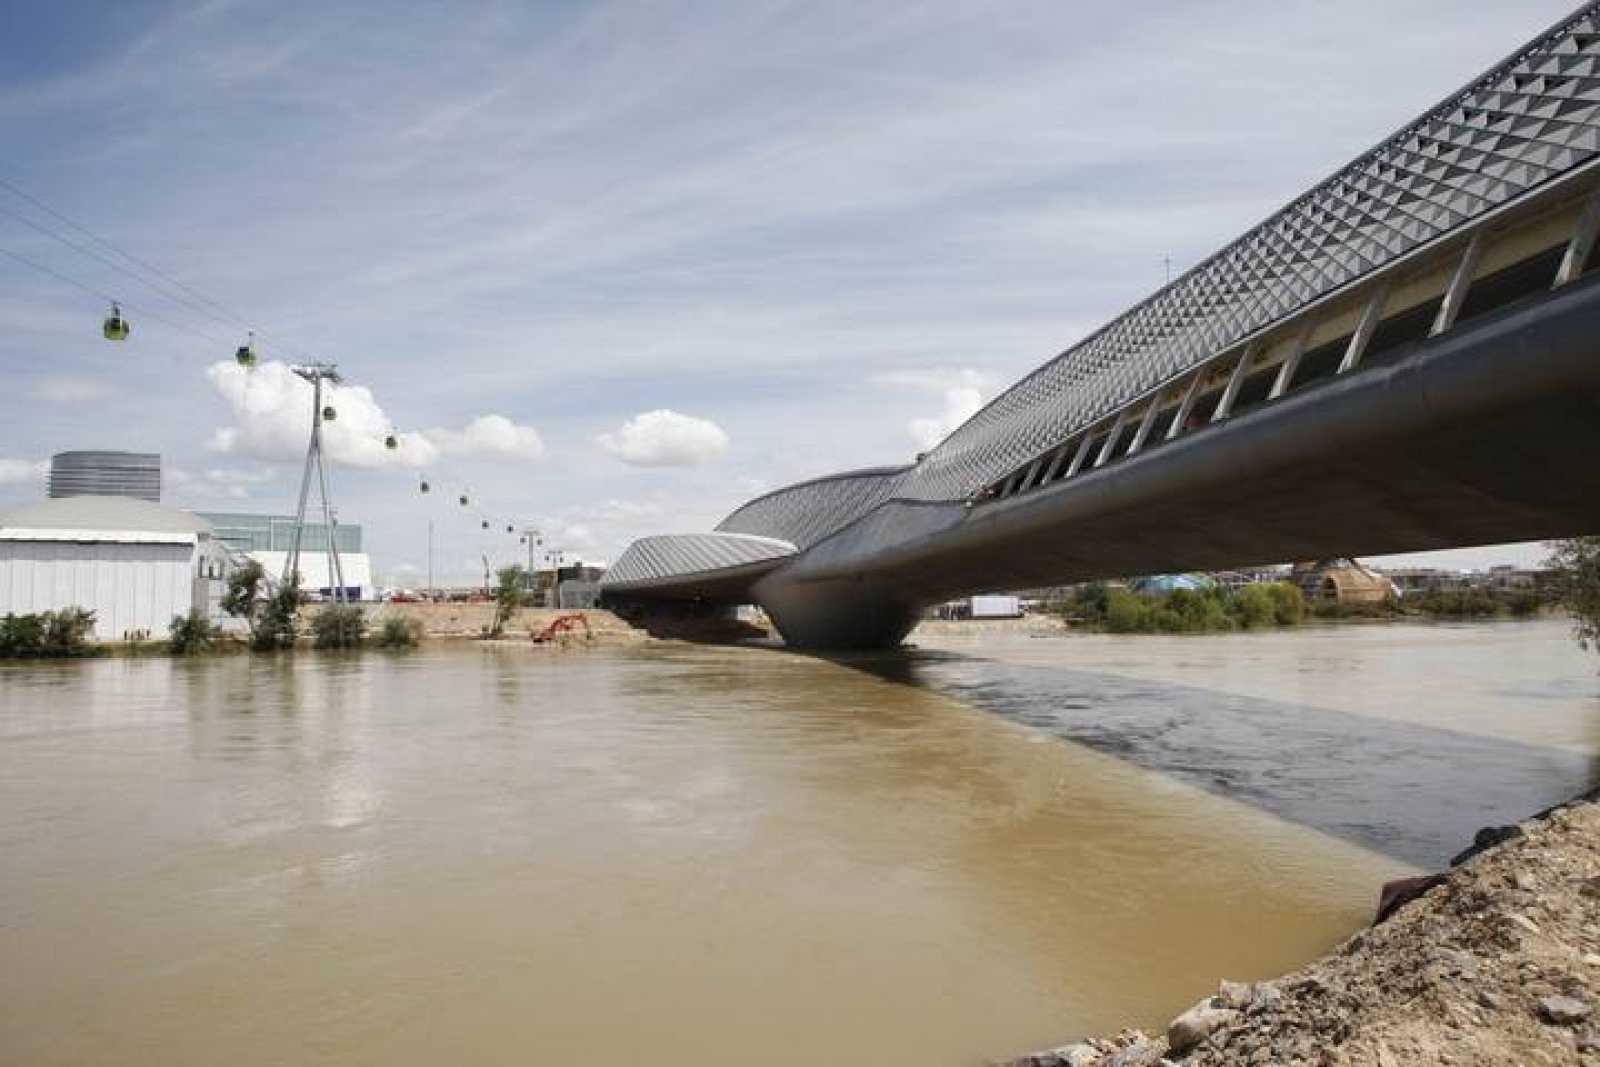 Vista del exterior del pabellón Puente de la Expo Zaragoza 2009, sobre el río Ebro, crecido por las últimas lluvias.